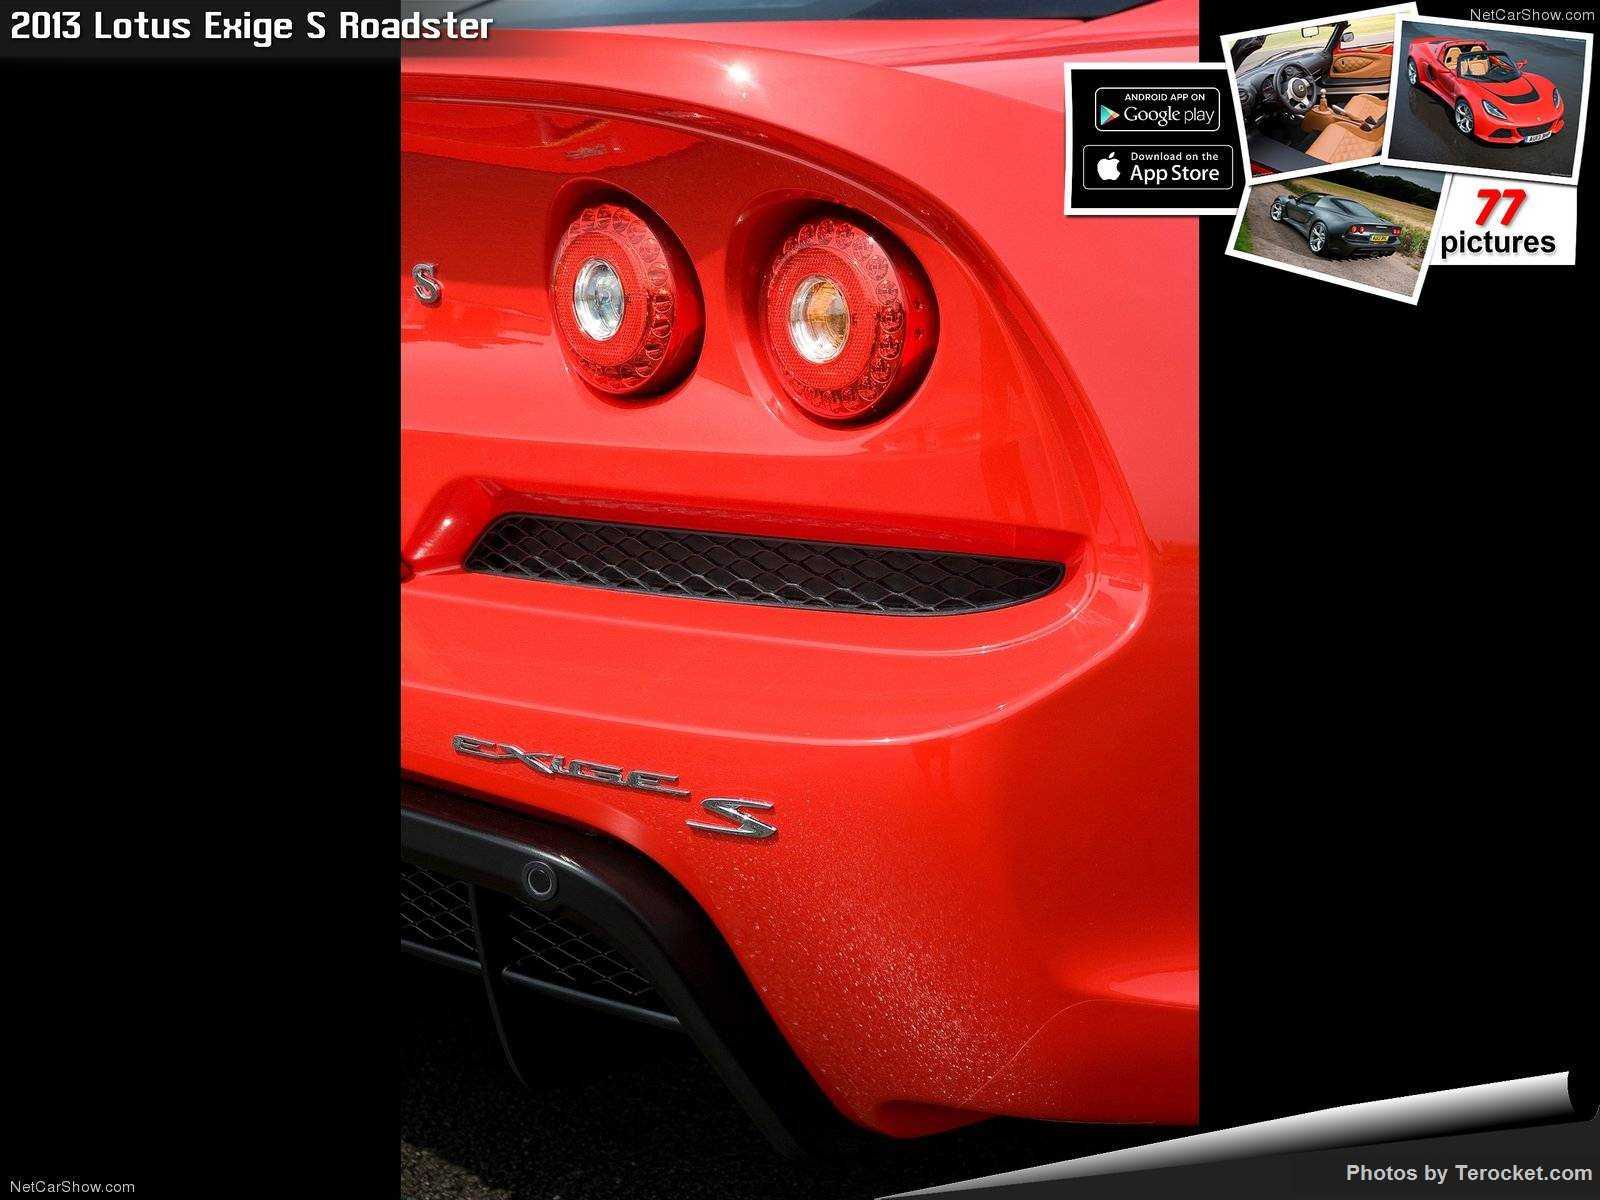 Hình ảnh siêu xe Lotus Exige S Roadster 2013 & nội ngoại thất